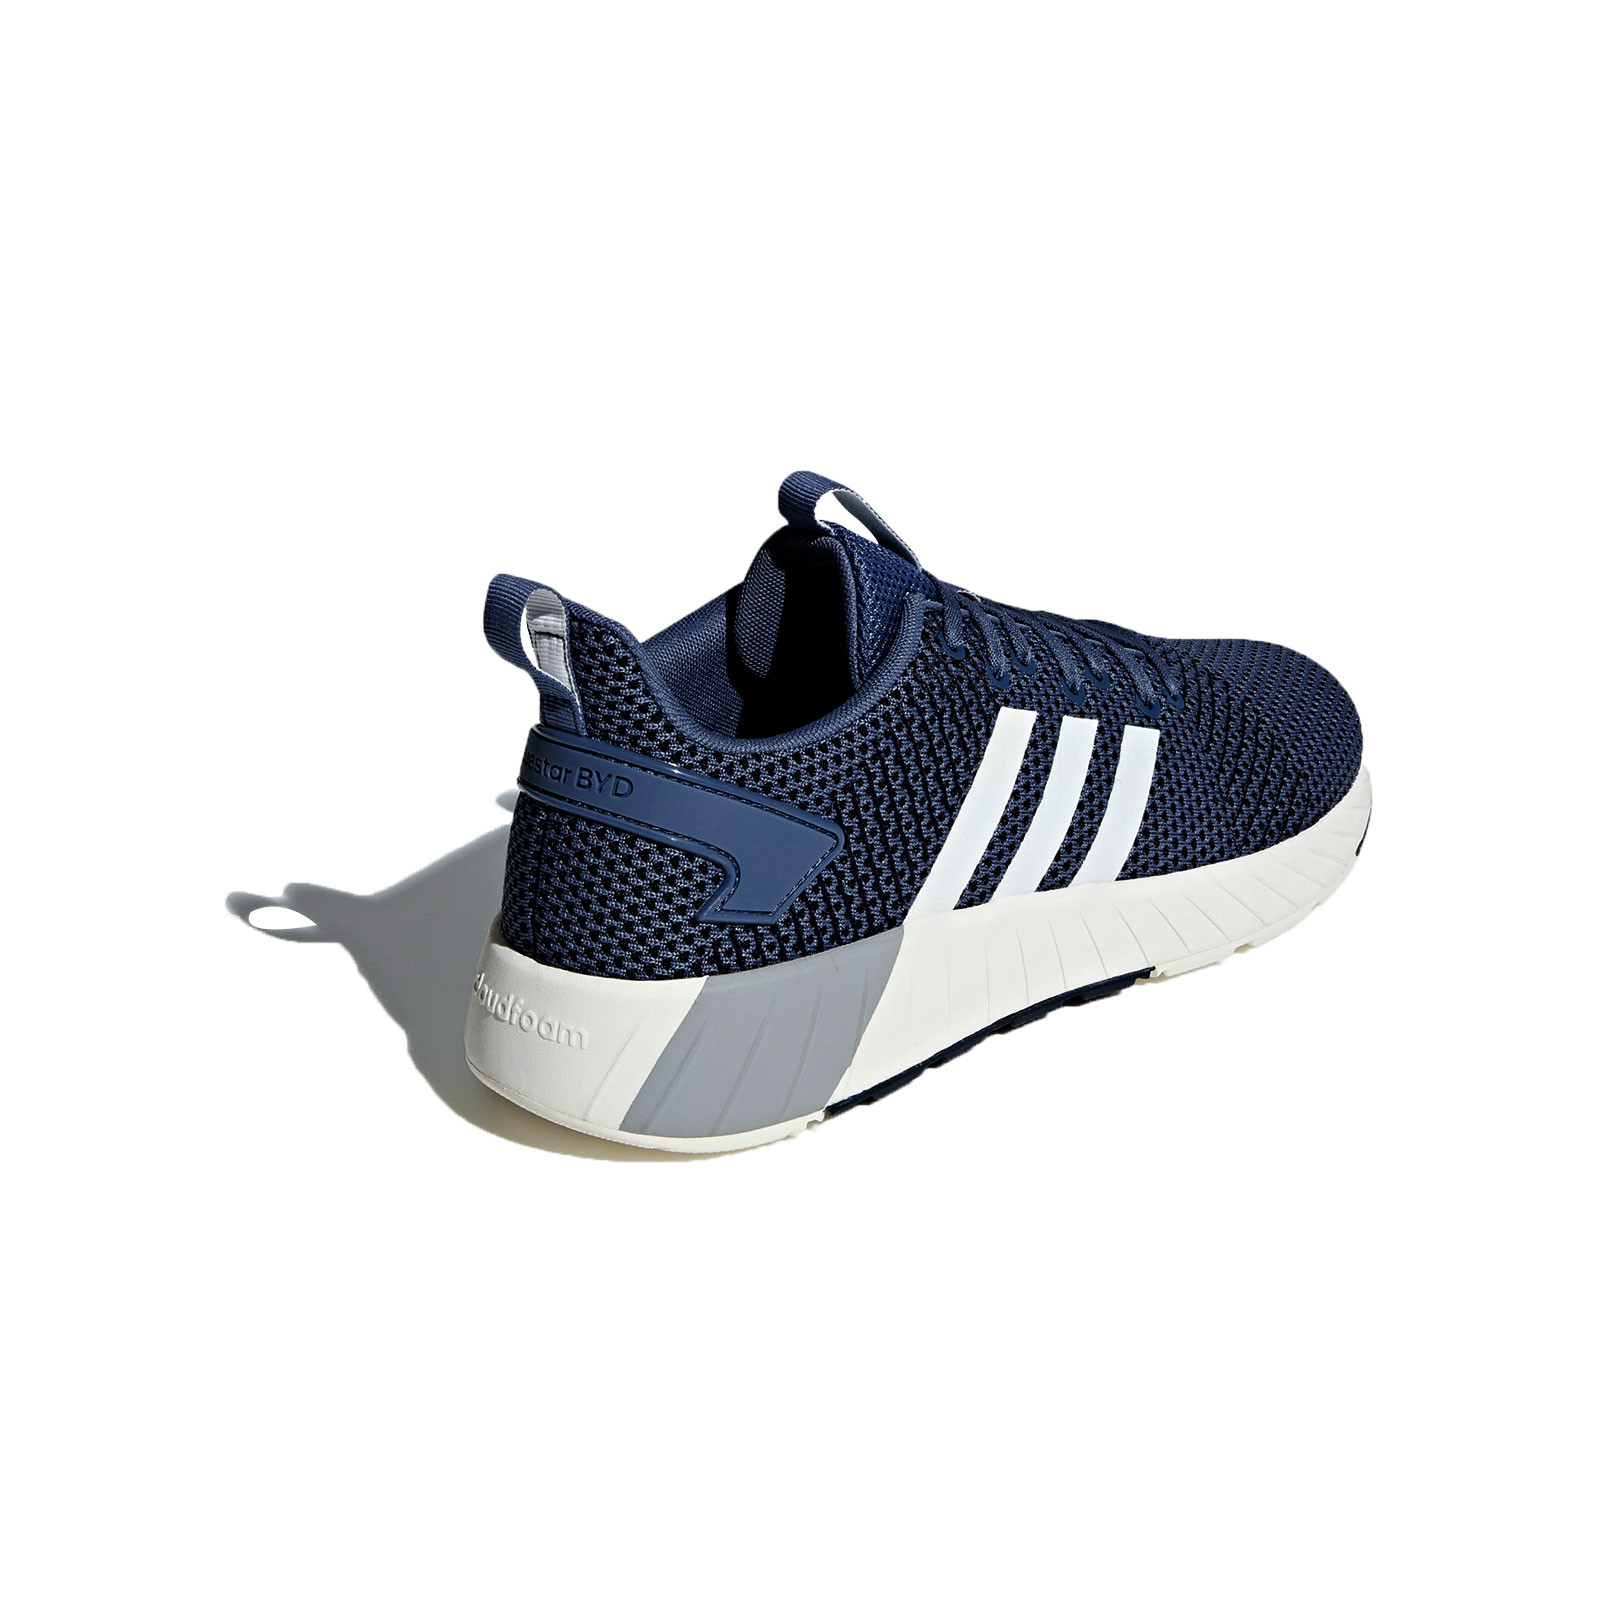 Zapatillas Adidas Questar Byd Running